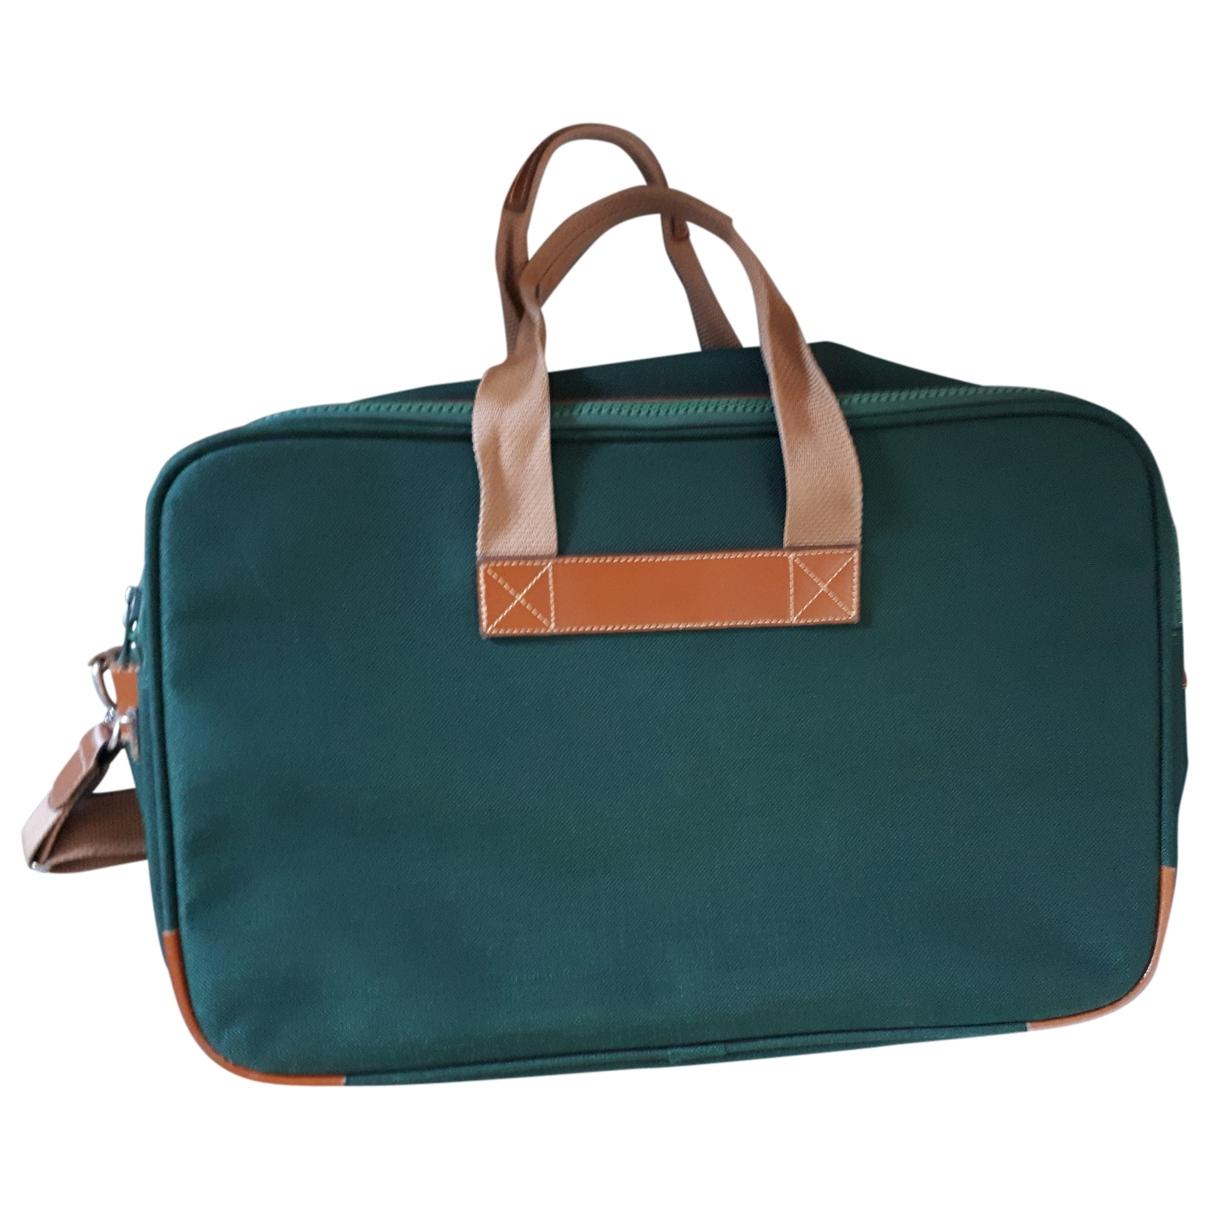 Lancel - Sac de voyage   pour femme en toile - vert